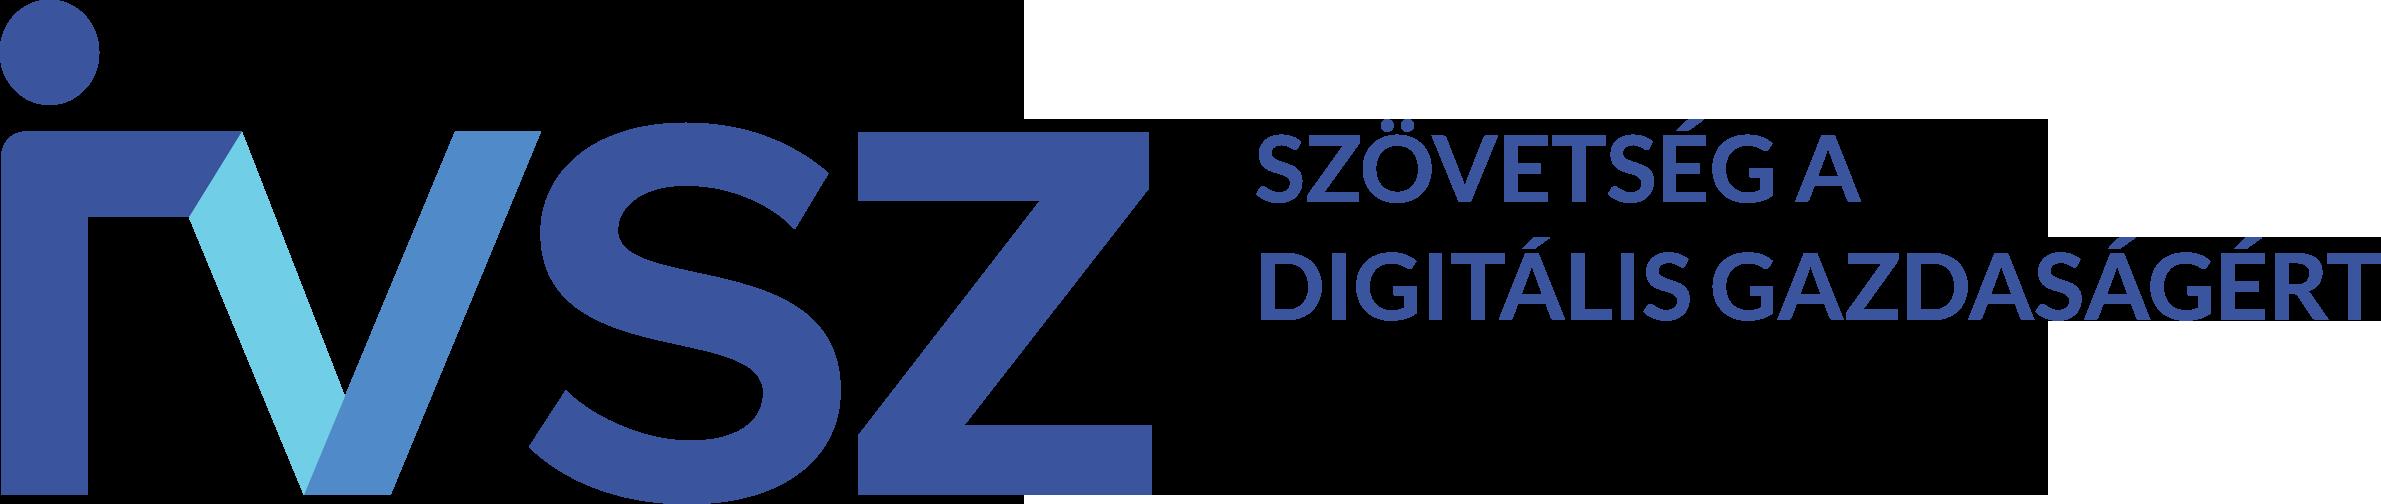 Informatikai, Távközlési és Elektronikai Vállalkozások Szövetsége (IVSZ)